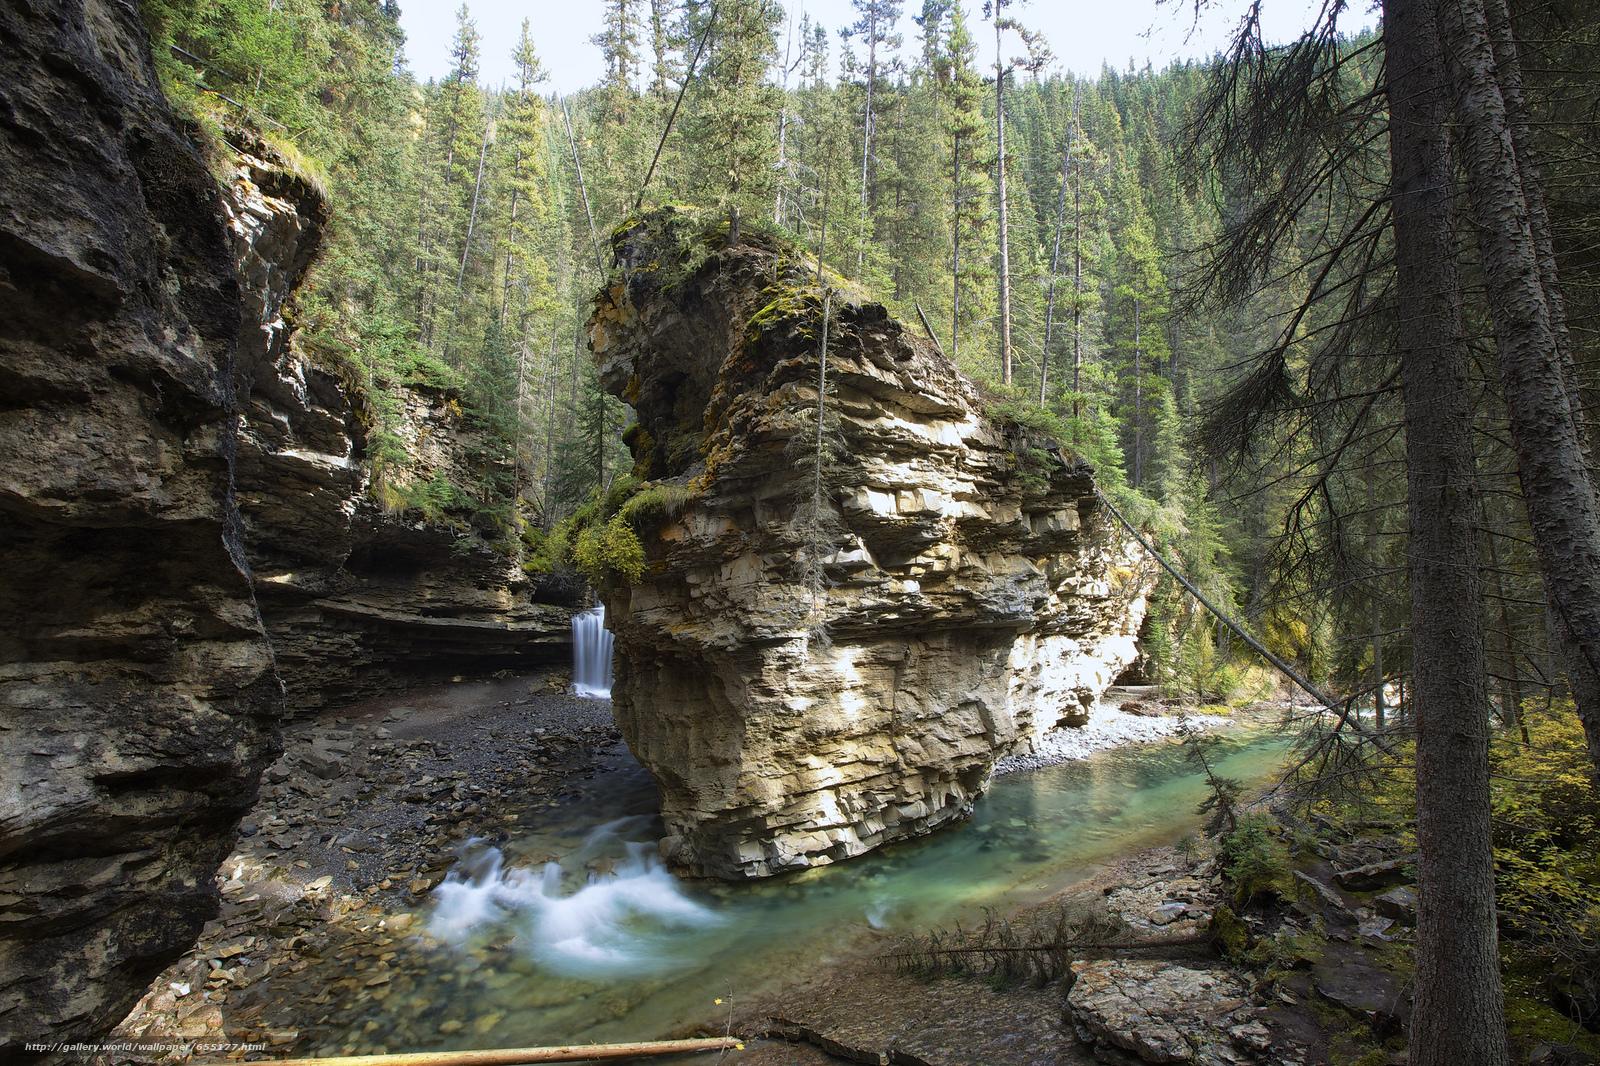 Download Hintergrund Alberta,  Kanada,  Johnson Canyon,  Wasserfall Freie desktop Tapeten in der Auflosung 2048x1365 — bild №655177